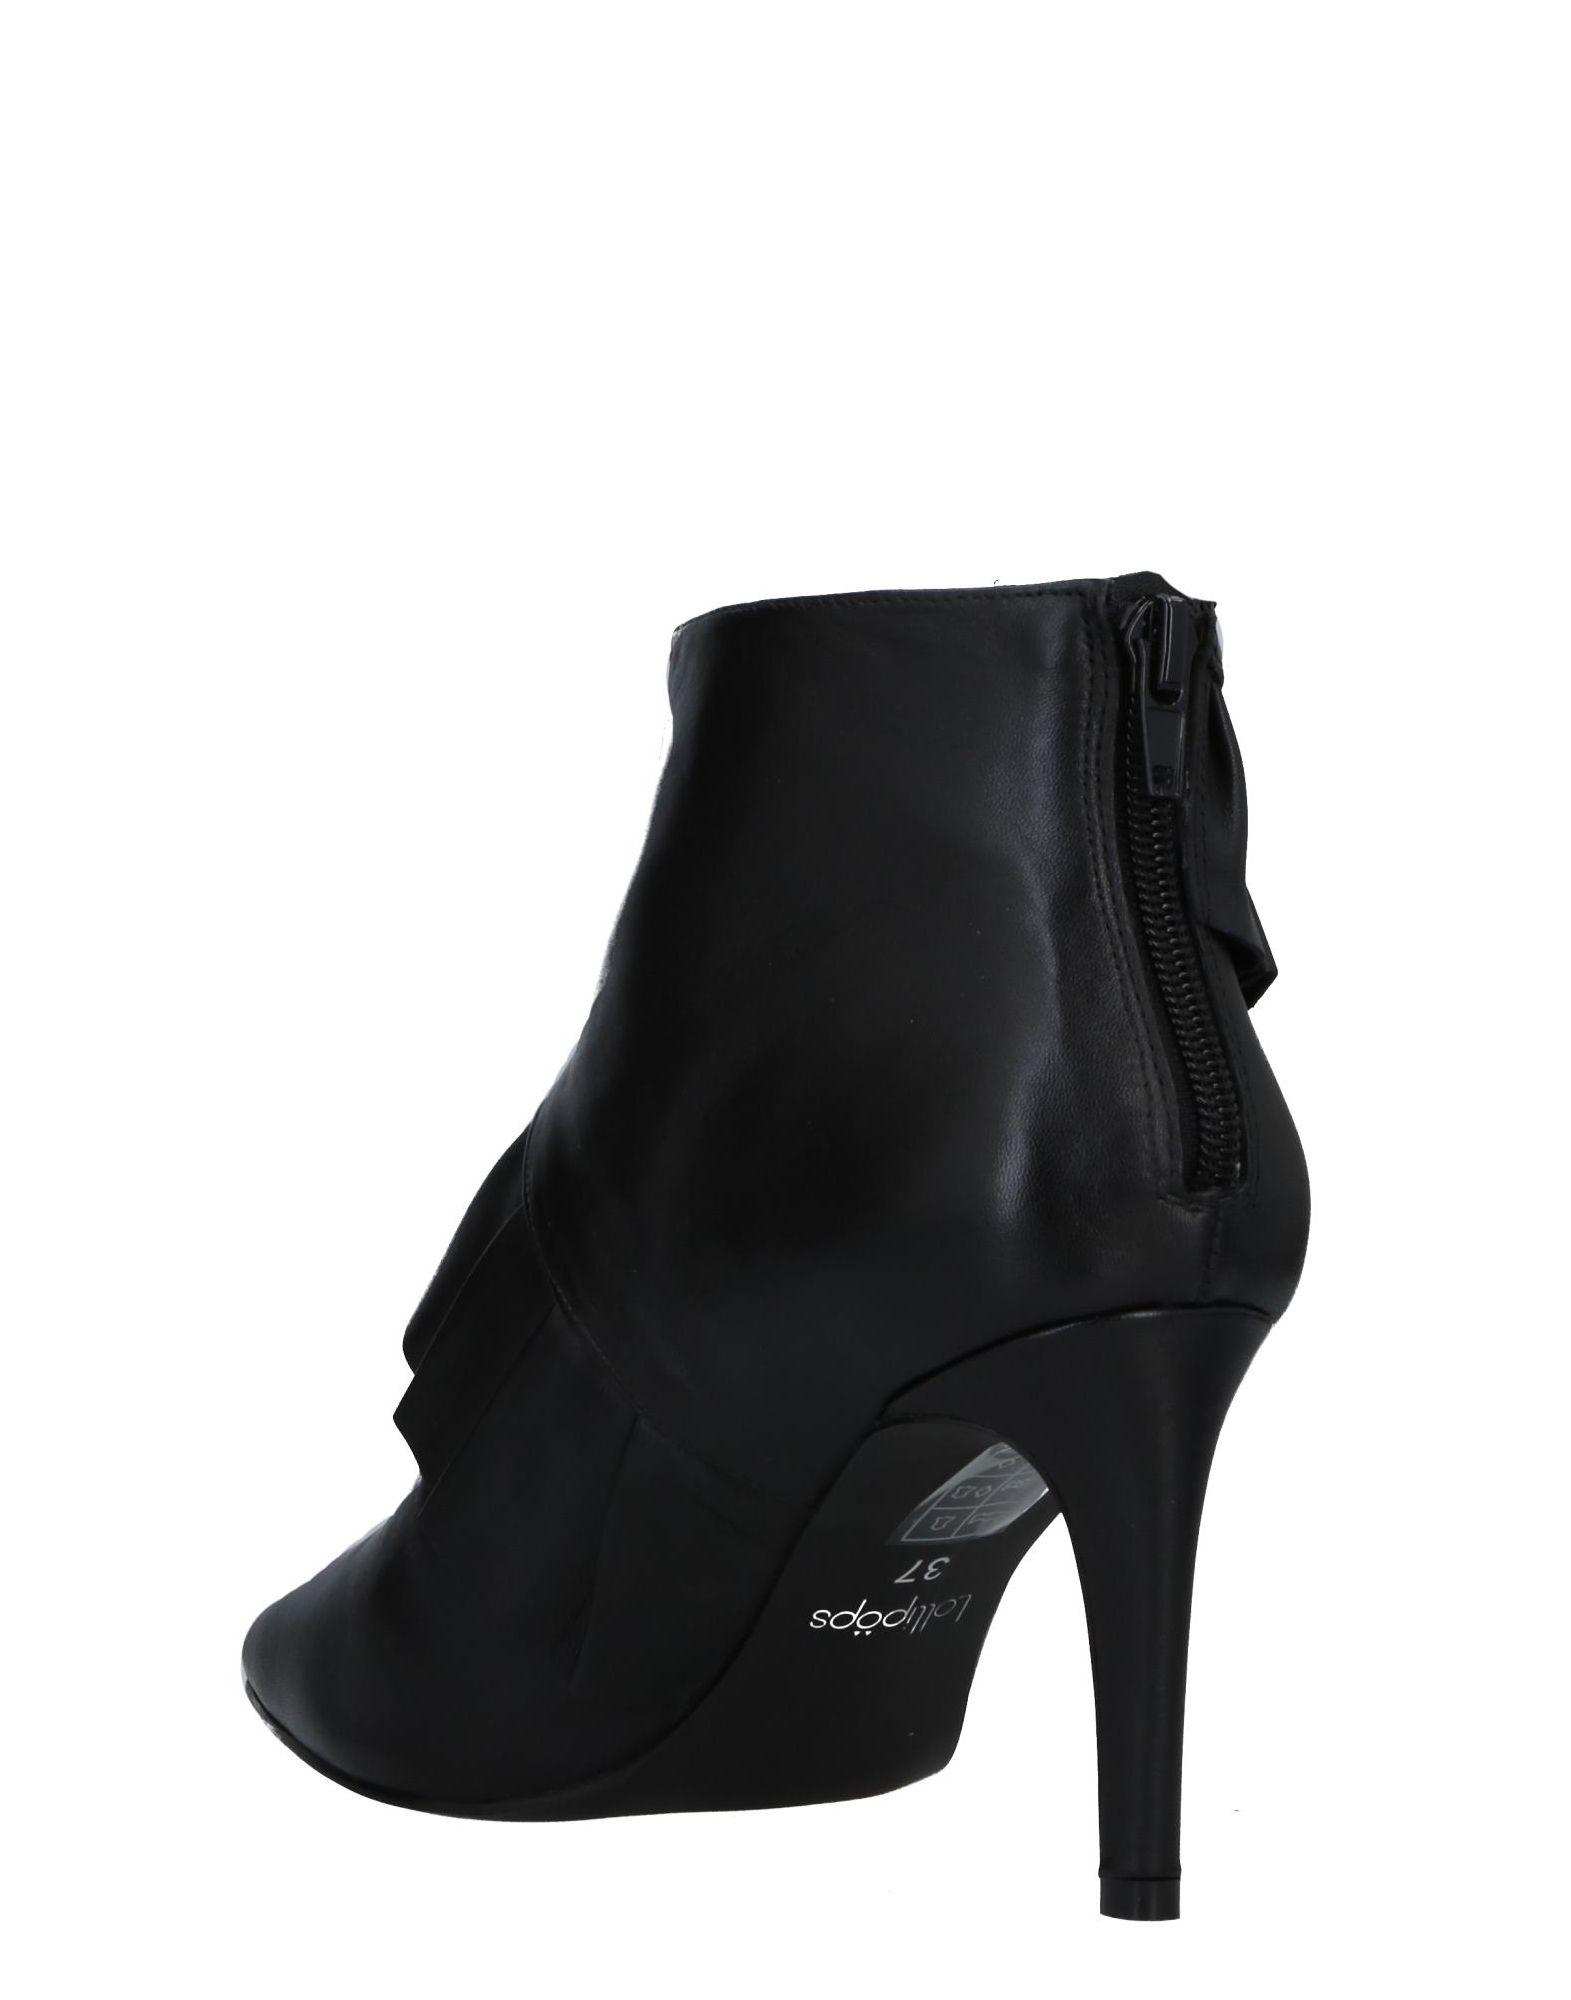 Lollipops Stiefelette beliebte Damen 11520309XF Gute Qualität beliebte Stiefelette Schuhe 12eb56